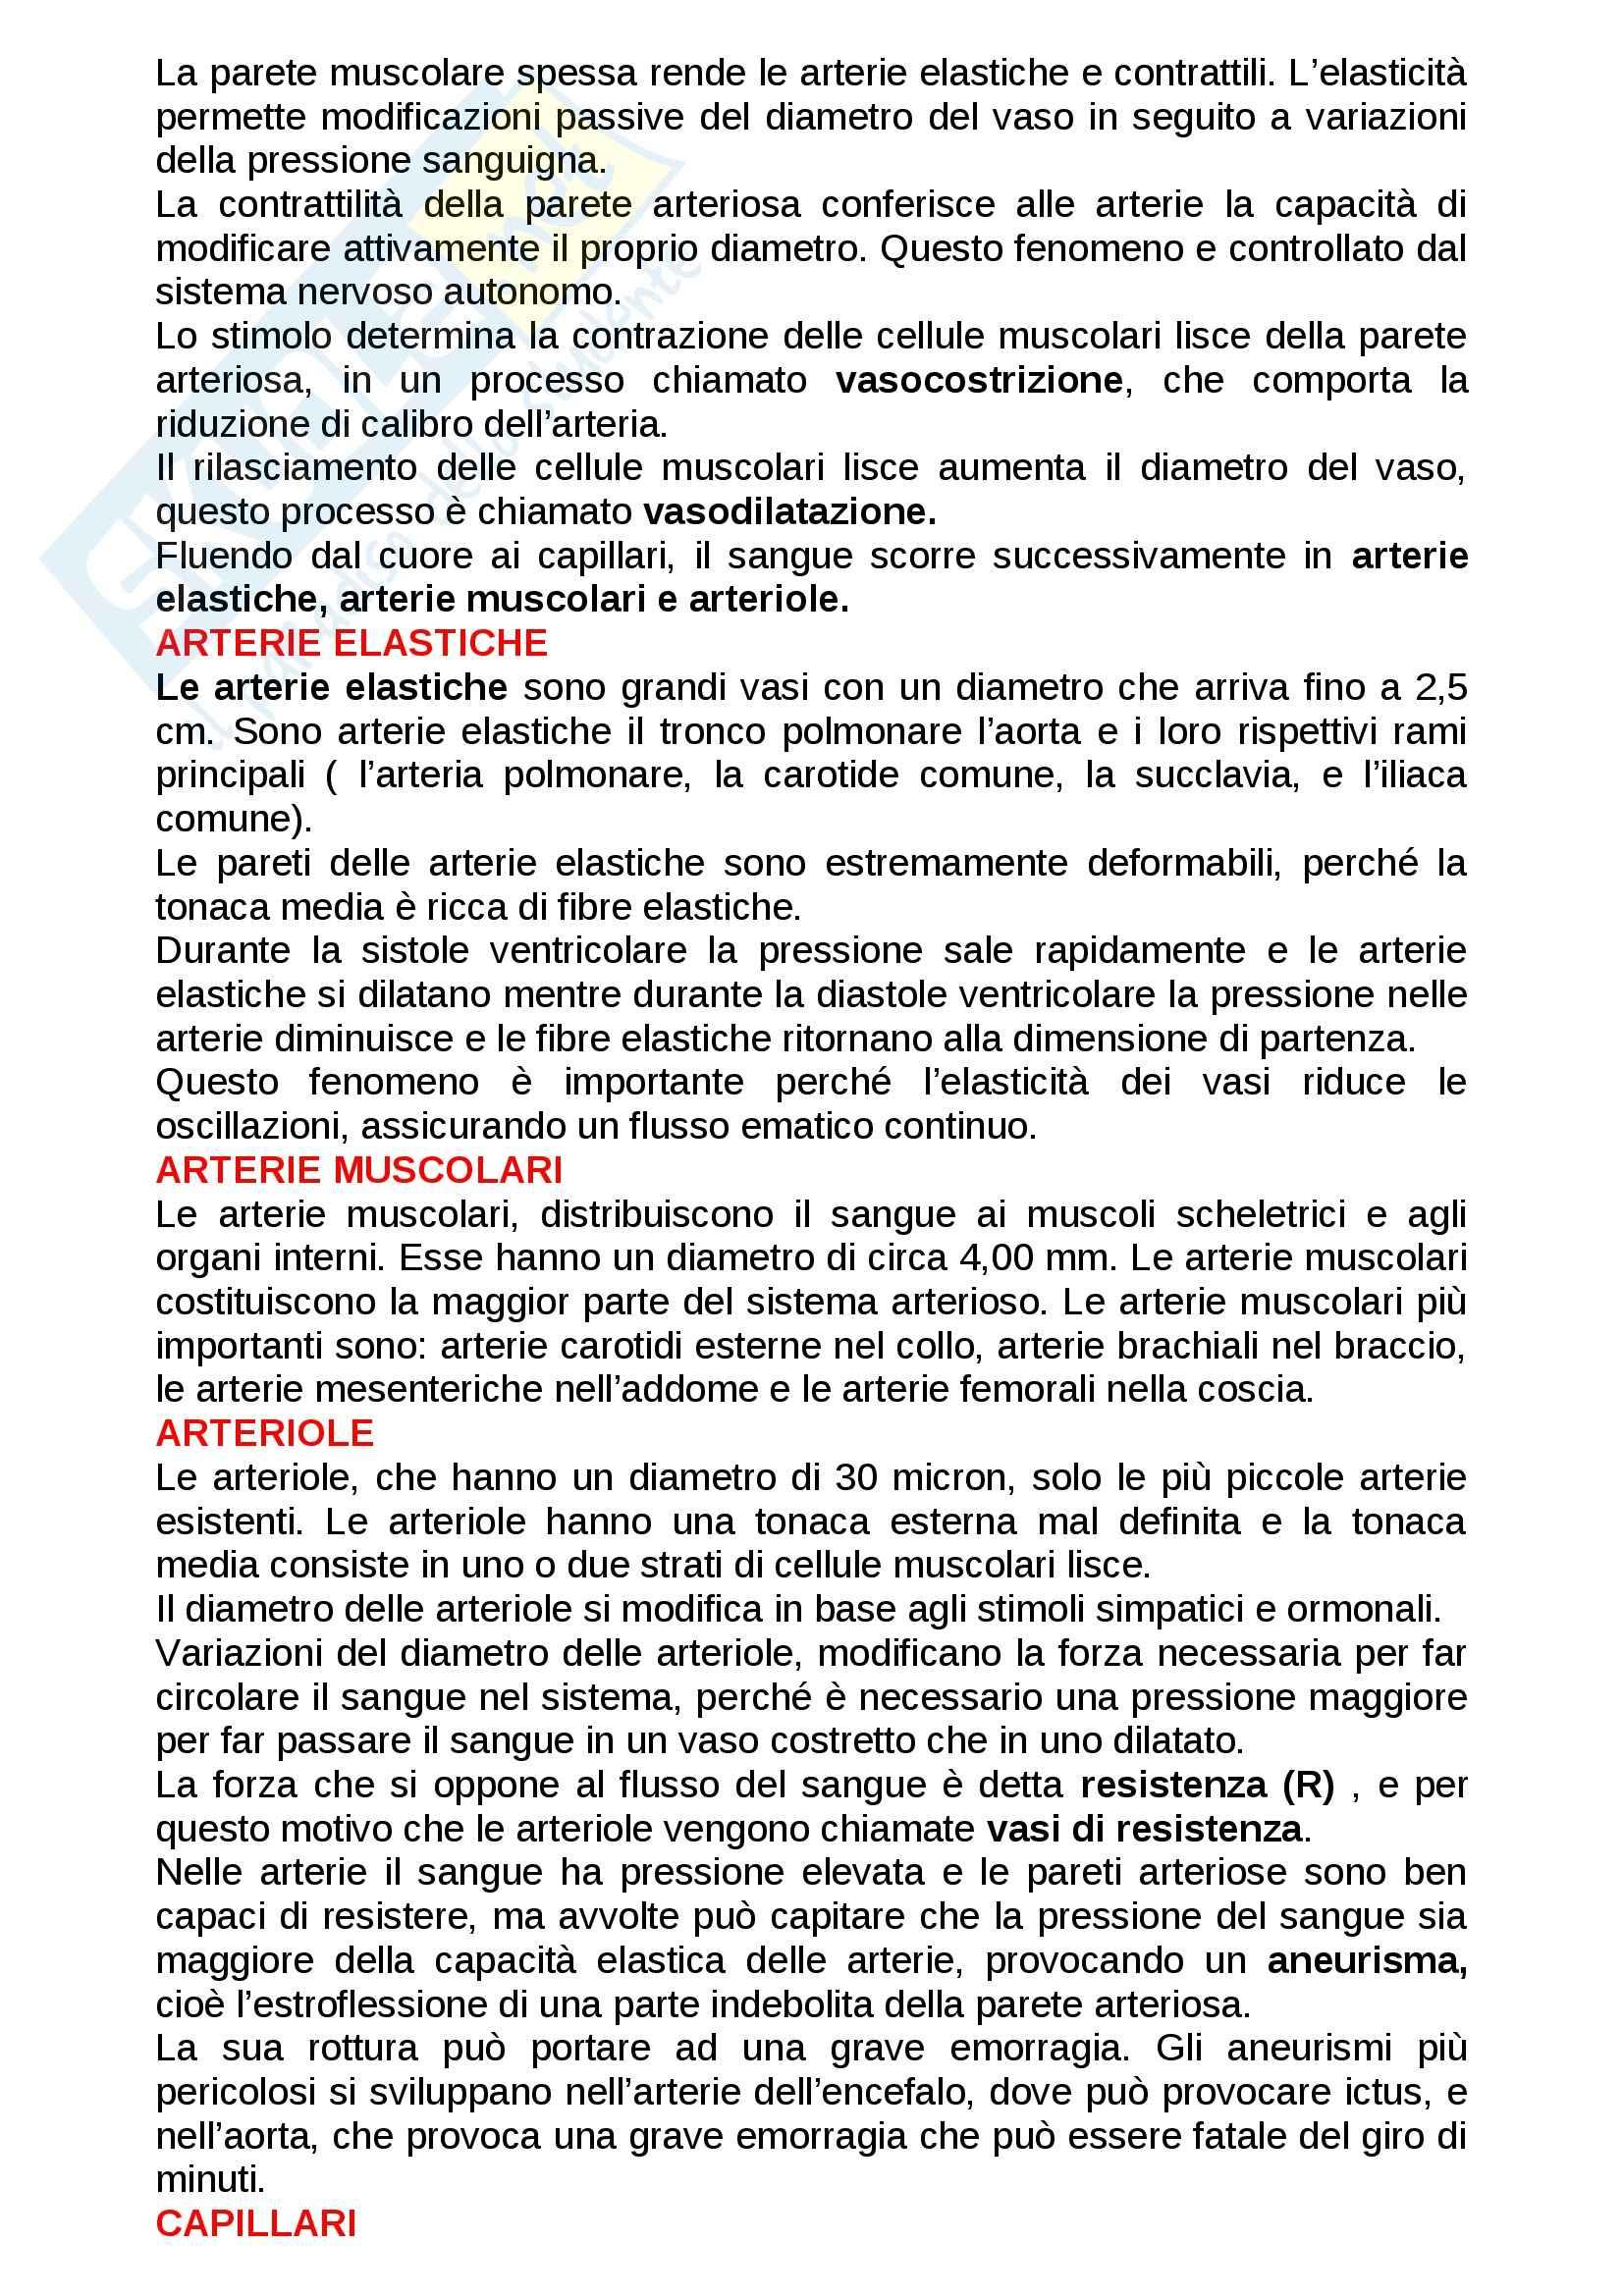 Apparato cardiocircolatorio: Appunti di Anatomia e fisiologia Pag. 16